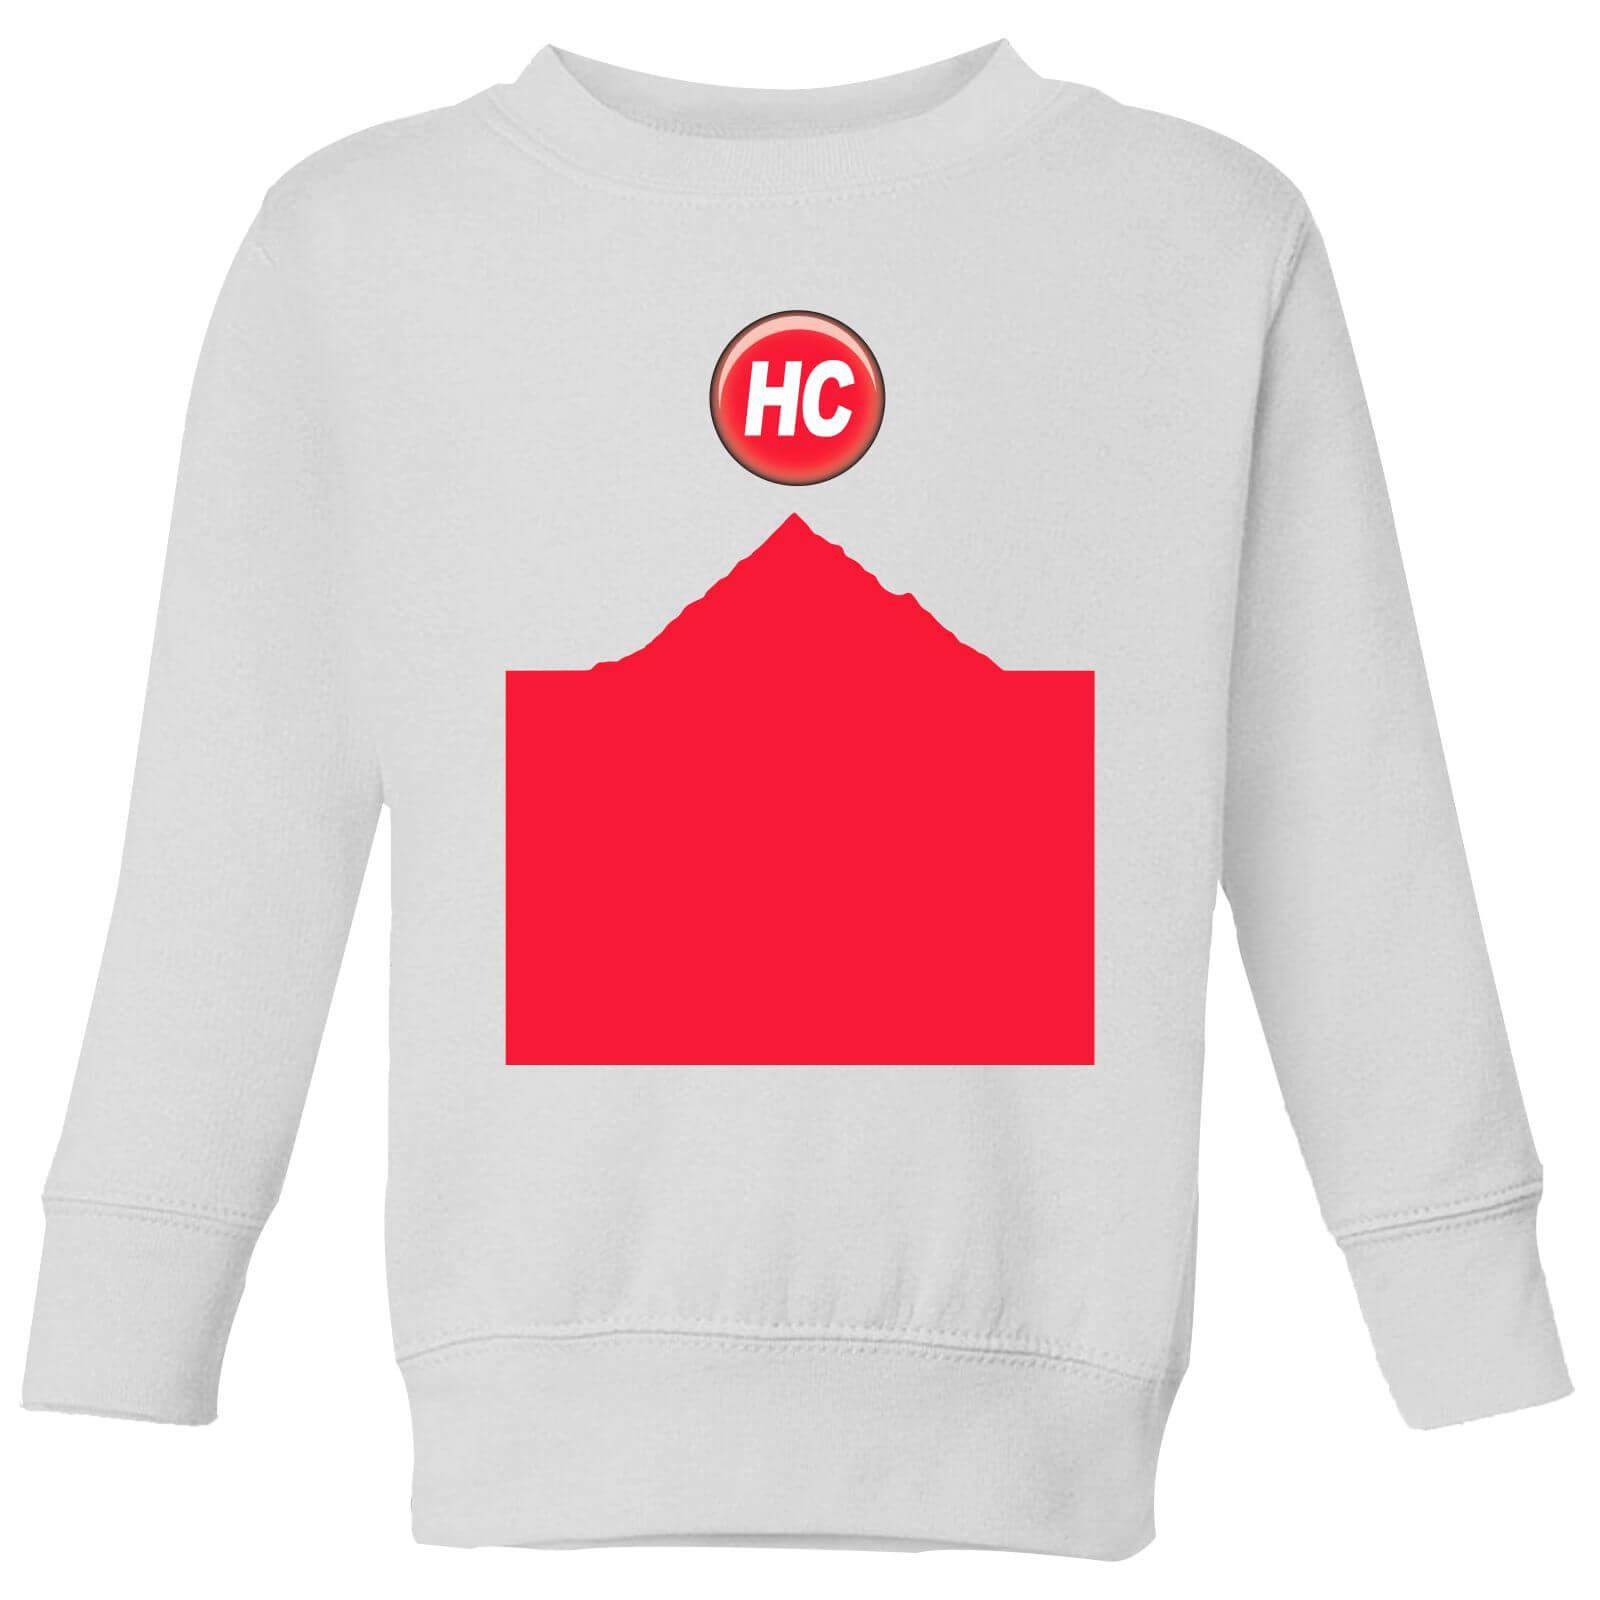 Summit Finish Hors Categorie Kids' Sweatshirt - White - 11-12 Years - White